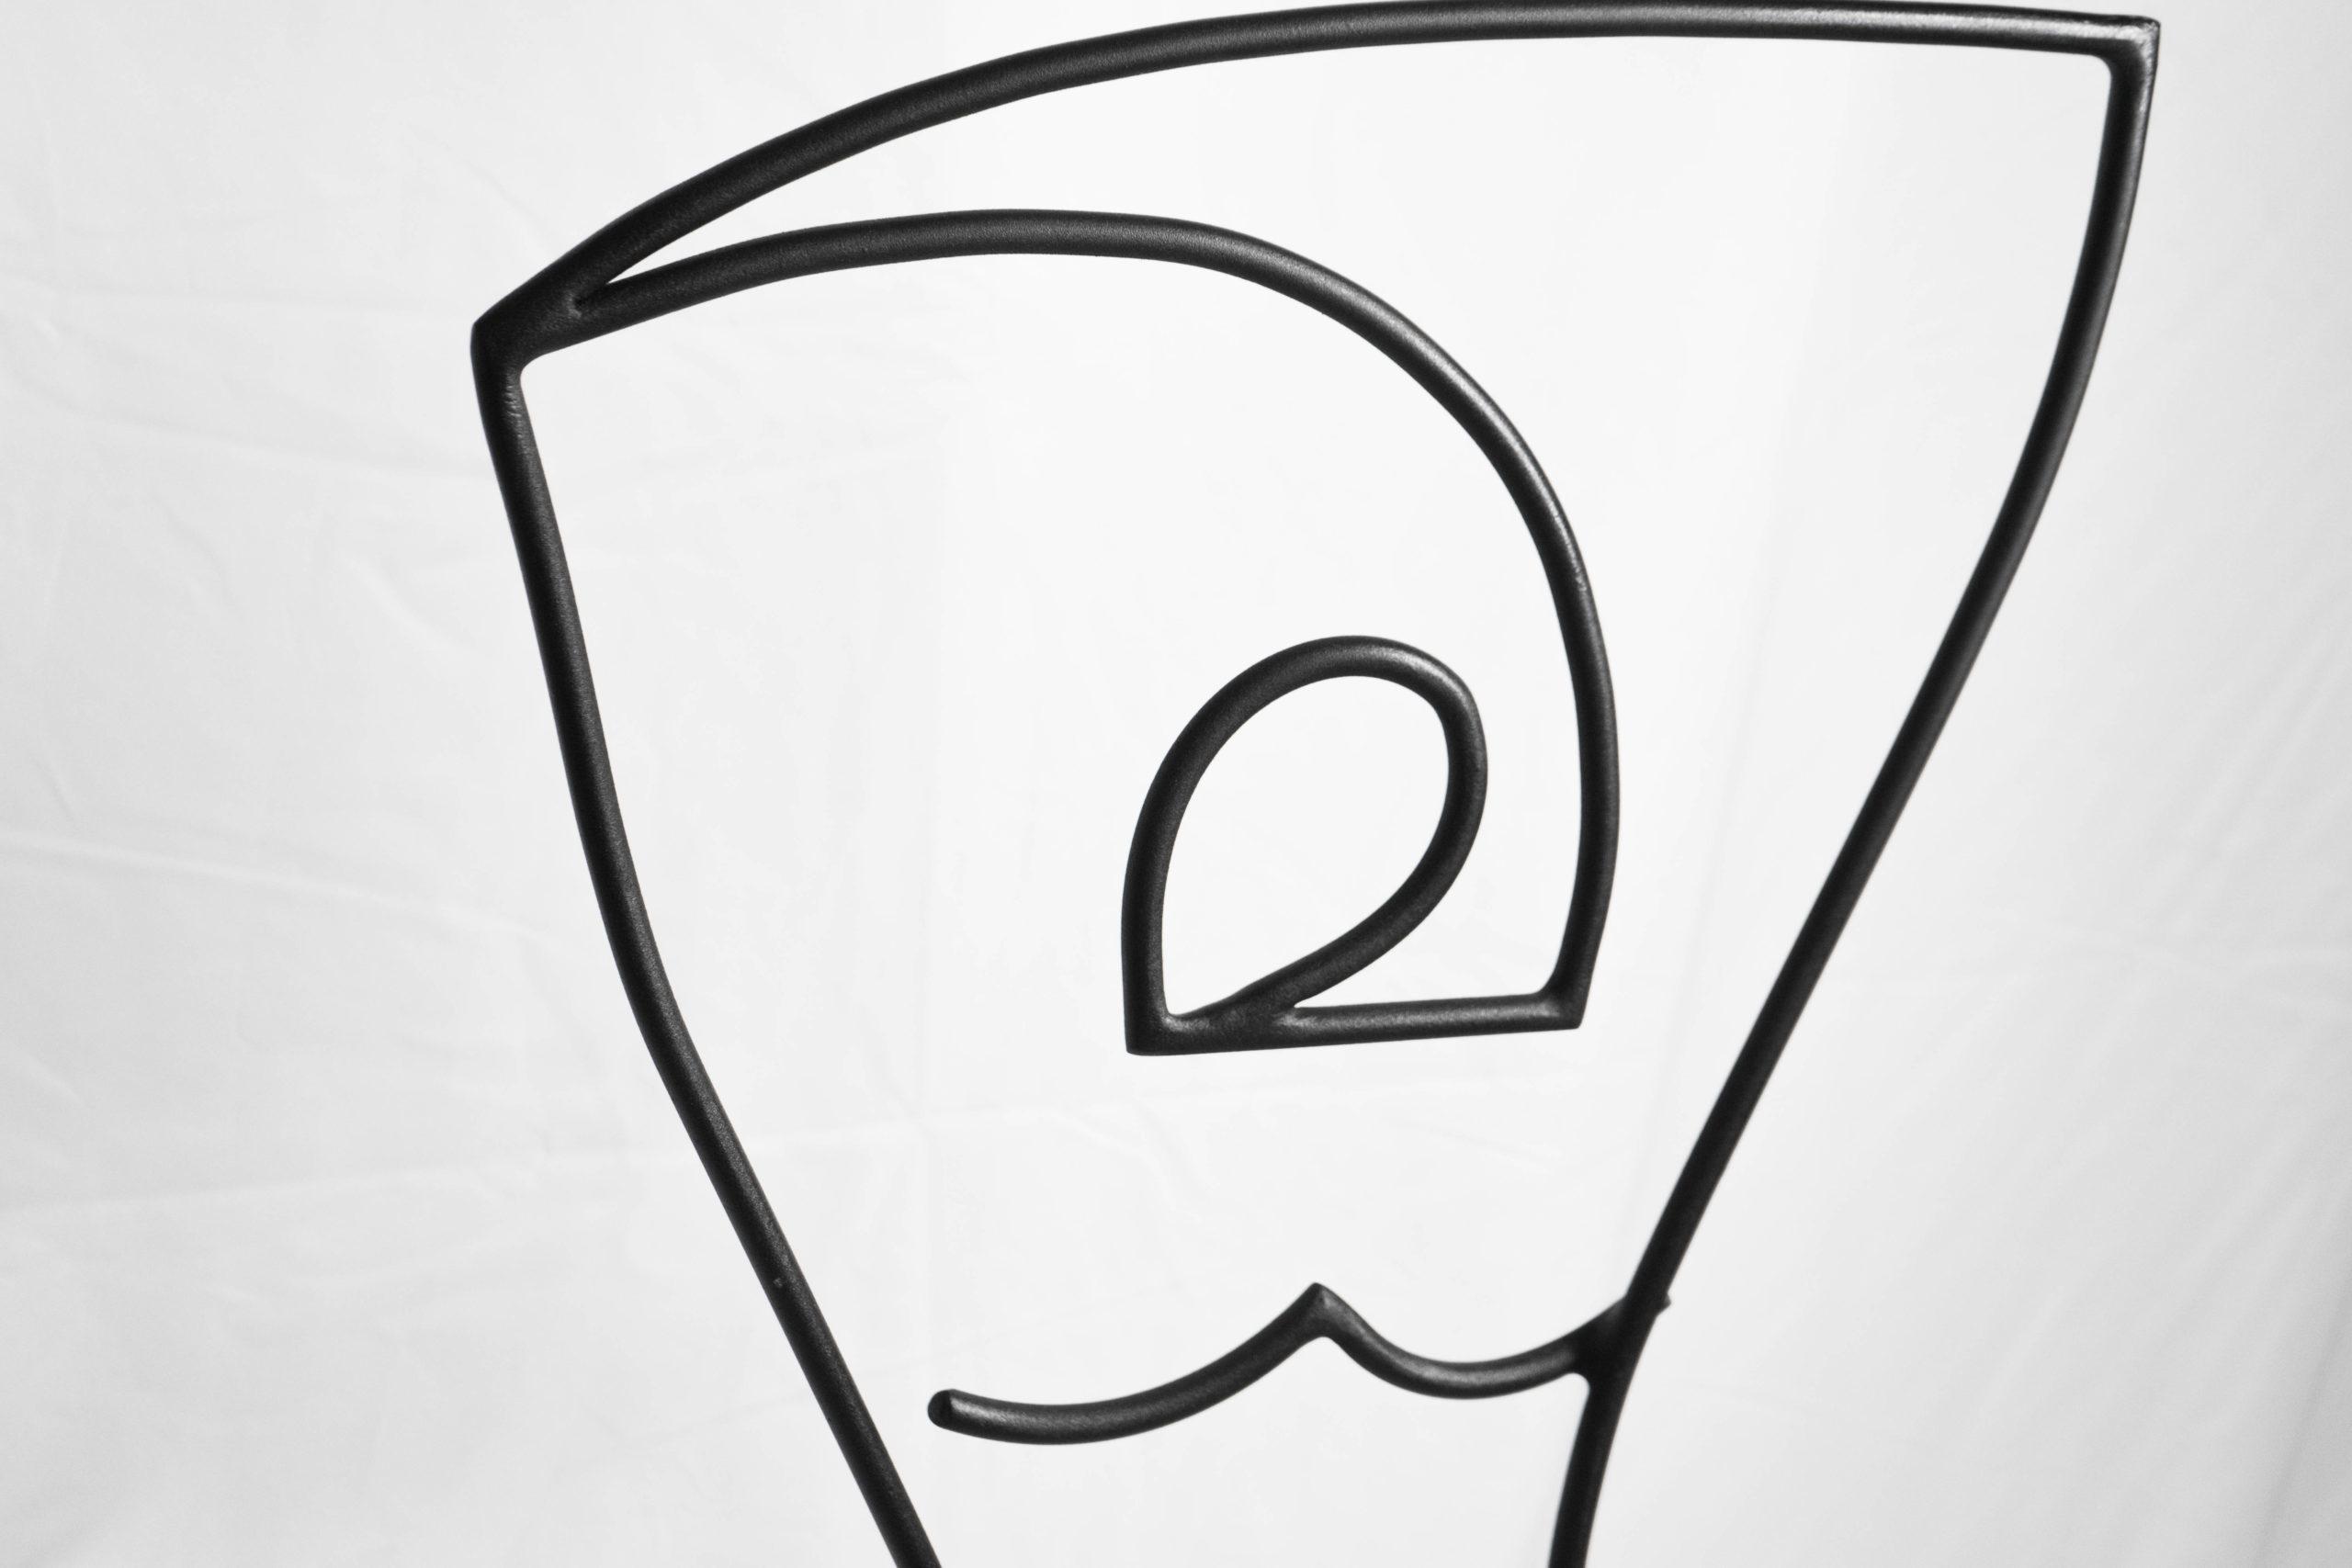 cabeza detalle de formas y lineas de metal